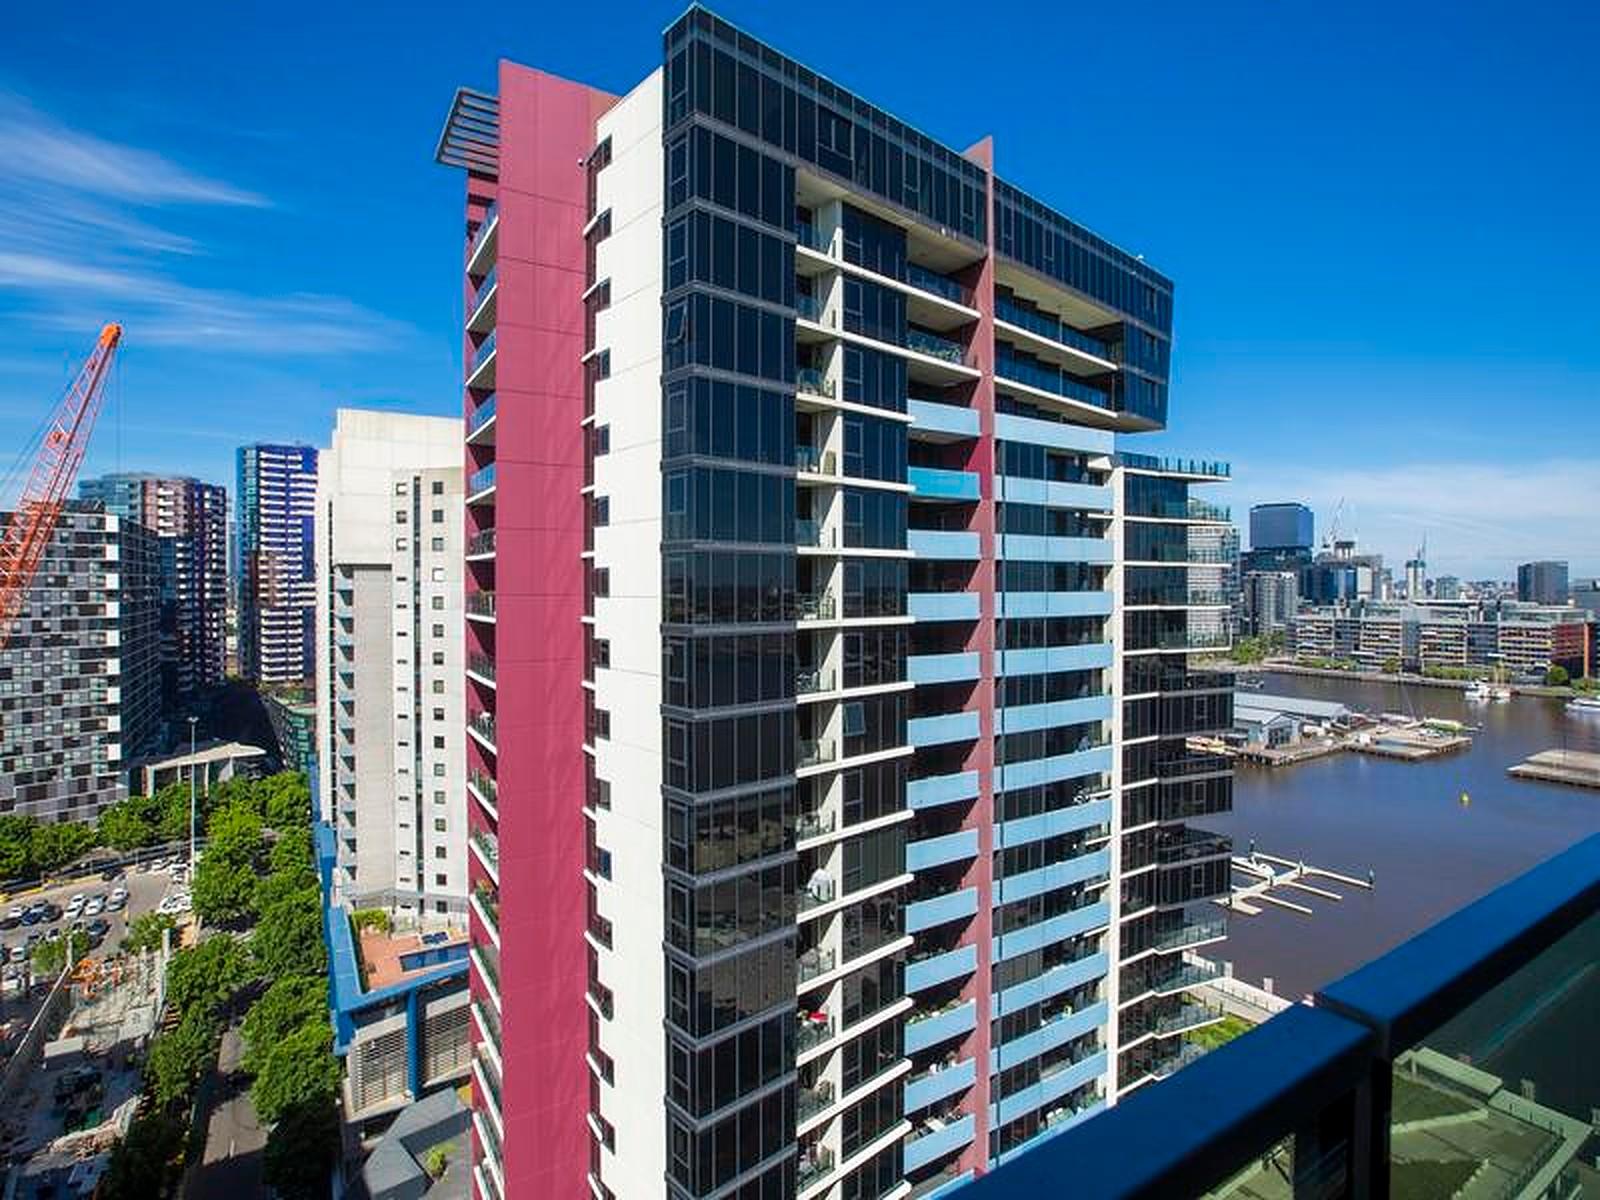 Ferienwohnung Docklands Waterfront 1006PR 2 Bett Free Wifi (2781427), Melbourne, , Victoria, Australien, Bild 17